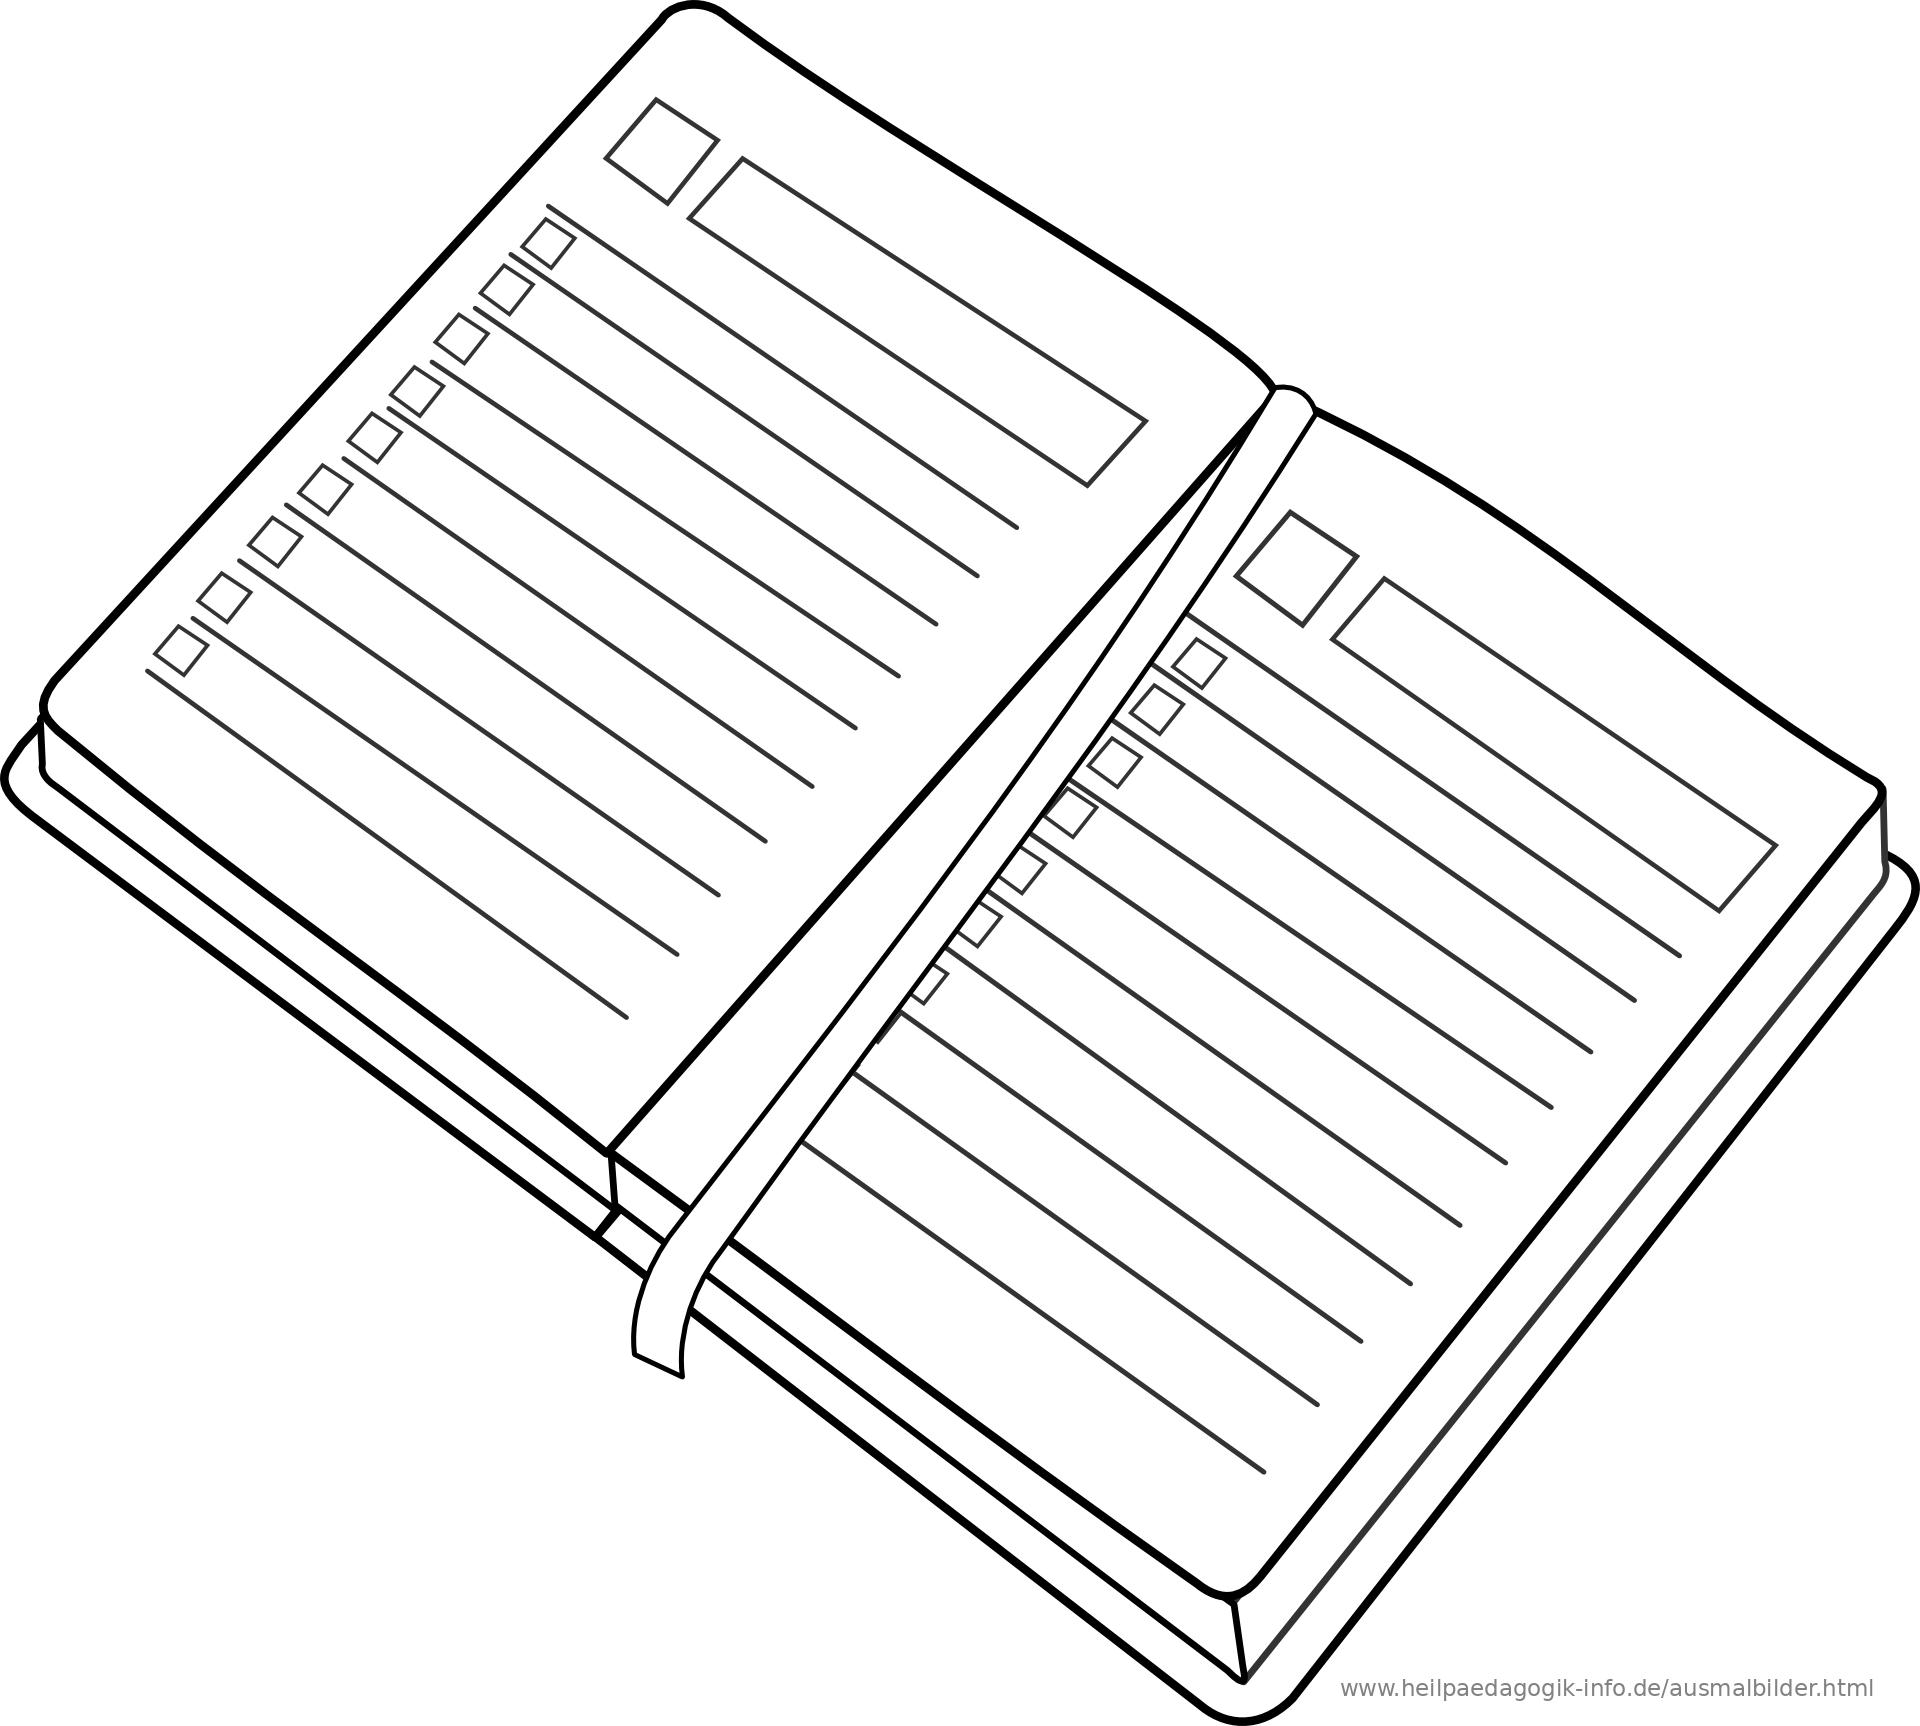 Als PDF oder PNG anzeigen